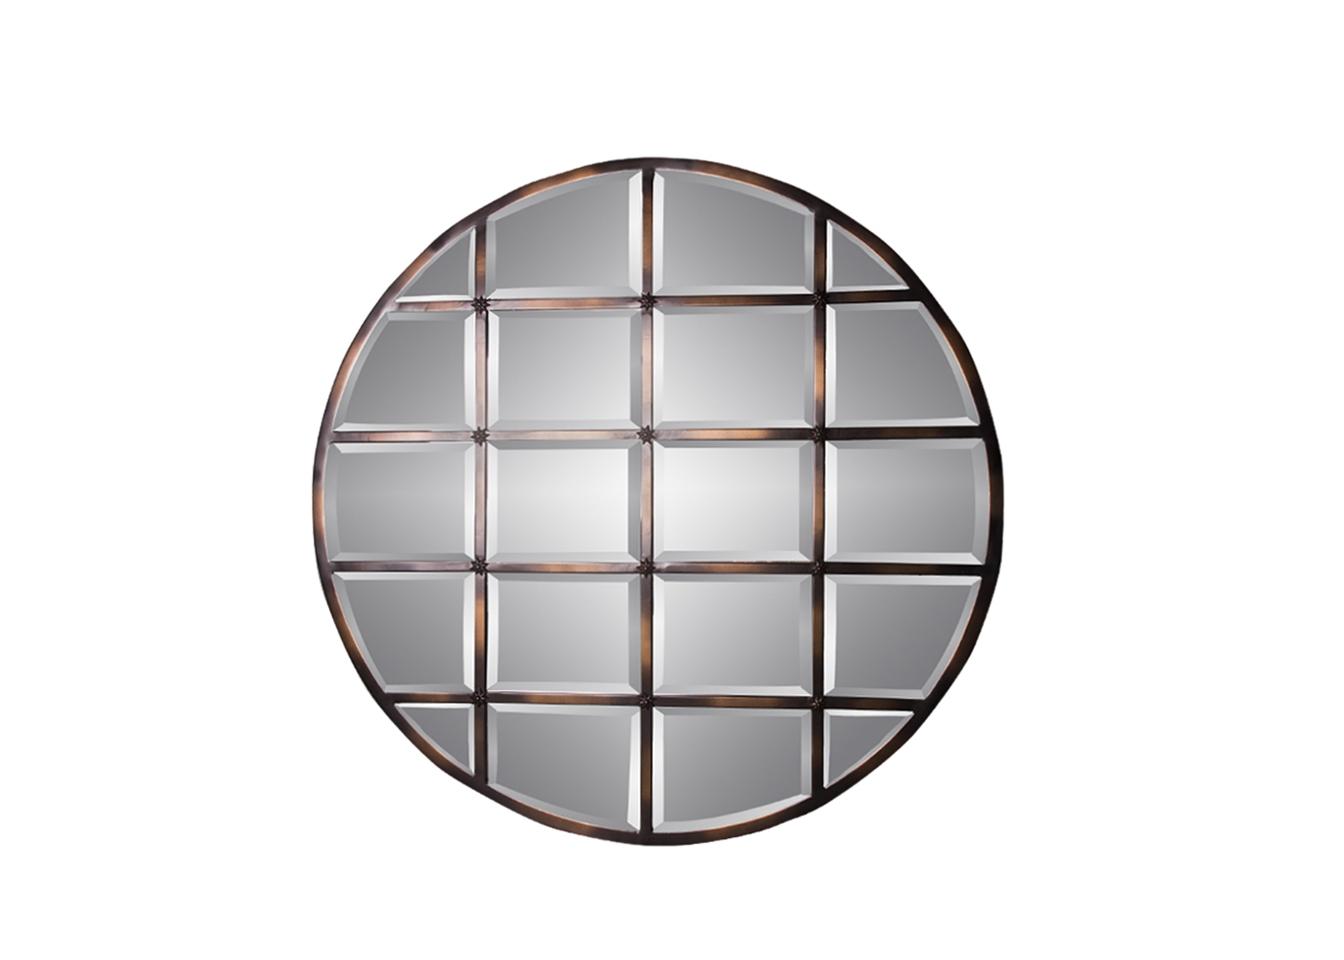 Зеркало ВенаНастенные зеркала<br>Амальгама зеркала выполнена из натурального серебра, что создает эффект благородной старины.<br><br>Material: Металл<br>Depth см: 3<br>Diameter см: 111